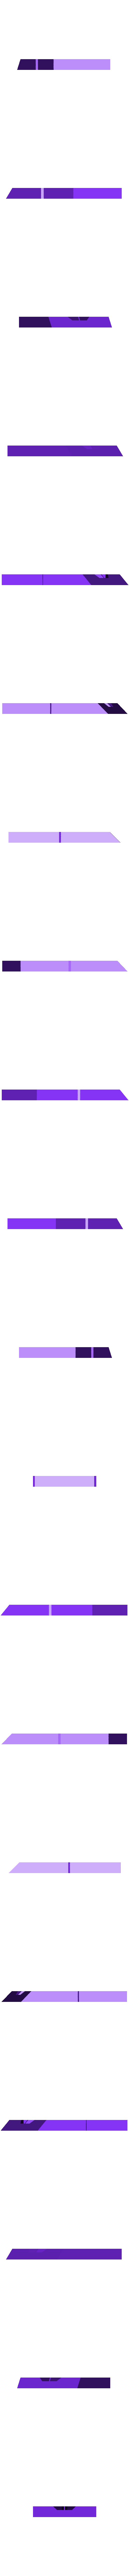 Turnigy_1_16_Rear_Skid.stl Télécharger fichier STL gratuit Couvre-bagages Turnigy 1/16 AWD 1/16 à l'arrière avec patin à bogie et protection pour engrenages cylindriques • Modèle imprimable en 3D, peterbroeders